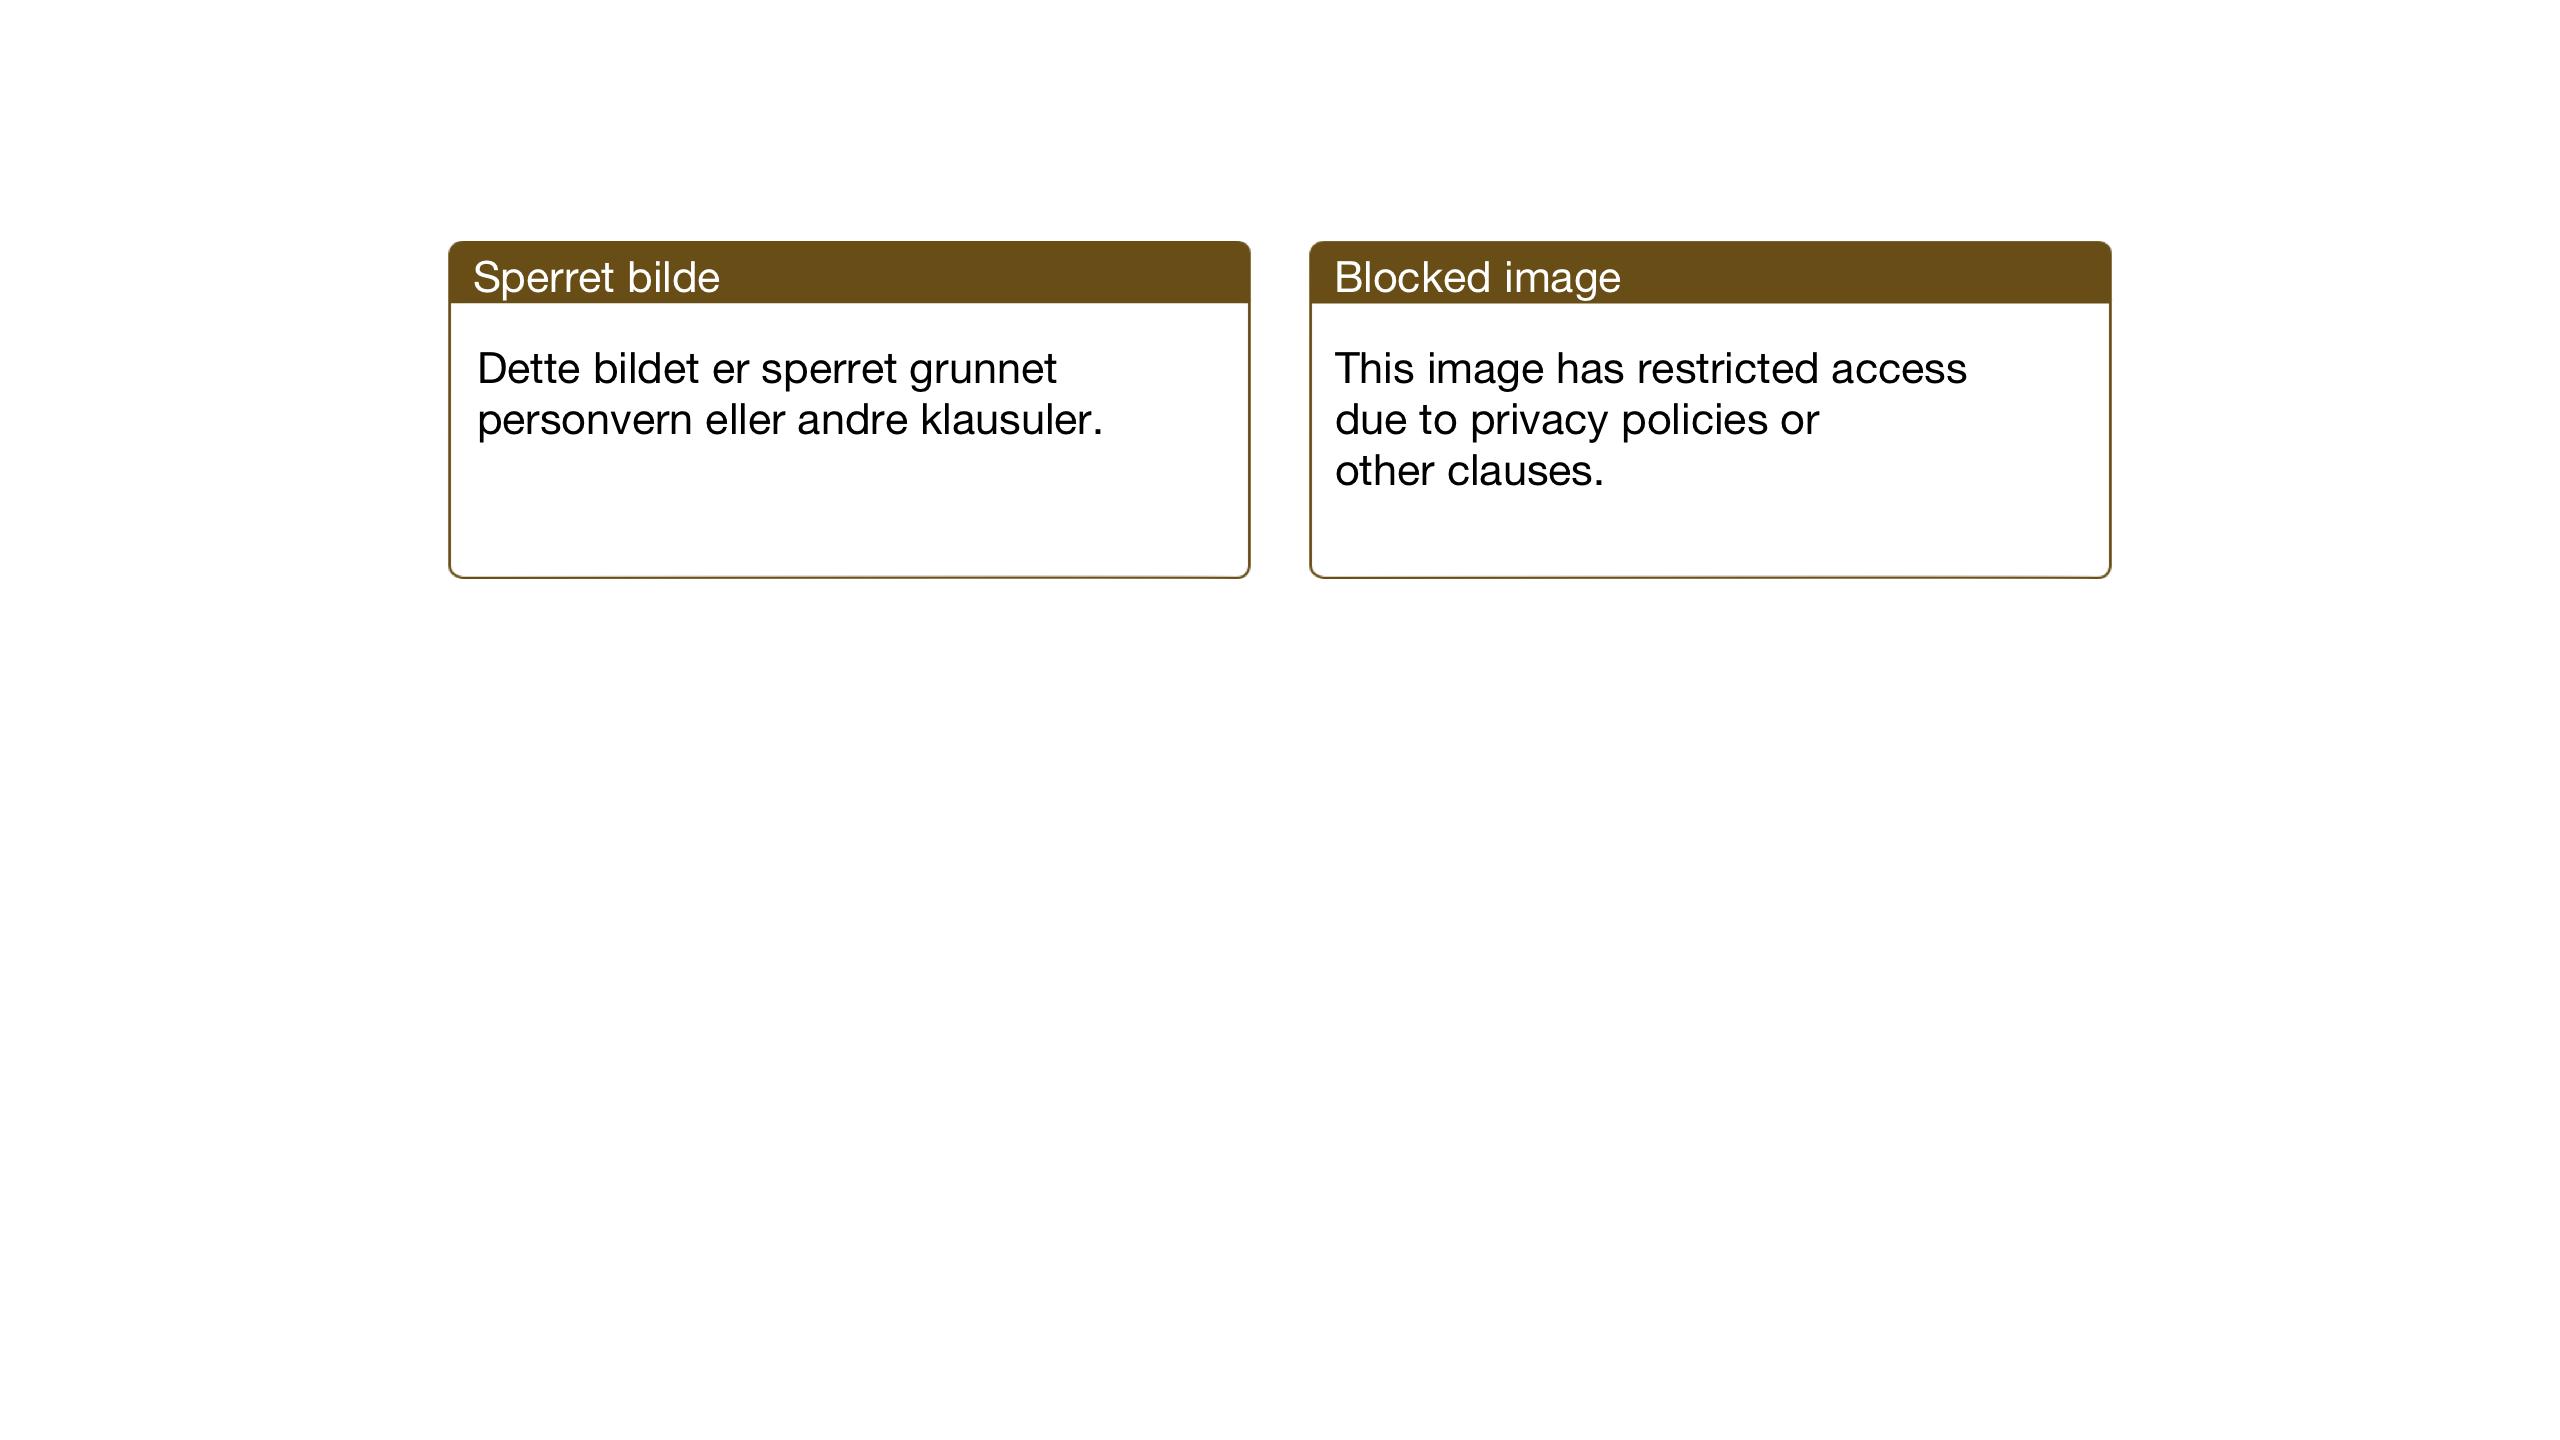 SAT, Ministerialprotokoller, klokkerbøker og fødselsregistre - Sør-Trøndelag, 605/L0248: Ministerialbok nr. 605A10, 1920-1937, s. 245